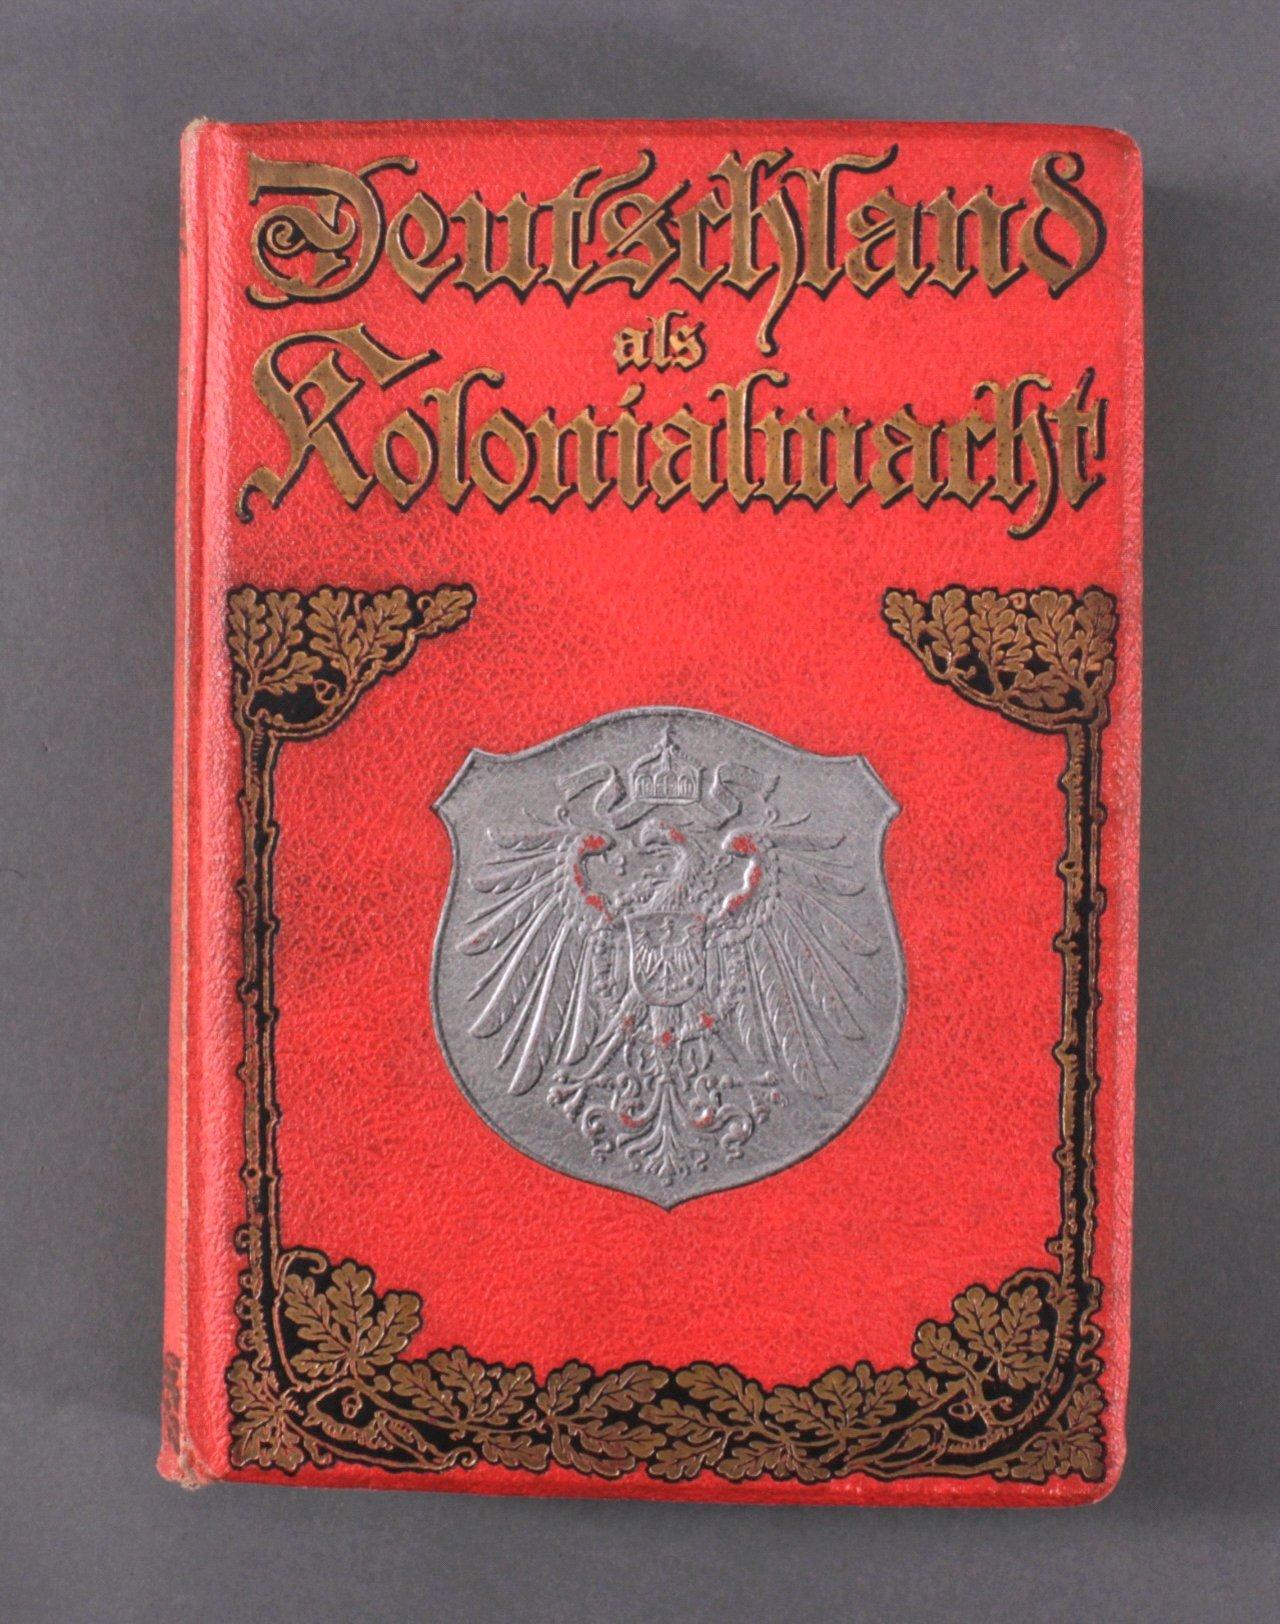 Deutschland als Kolonialmacht von Kaiser Wilhelm Dant